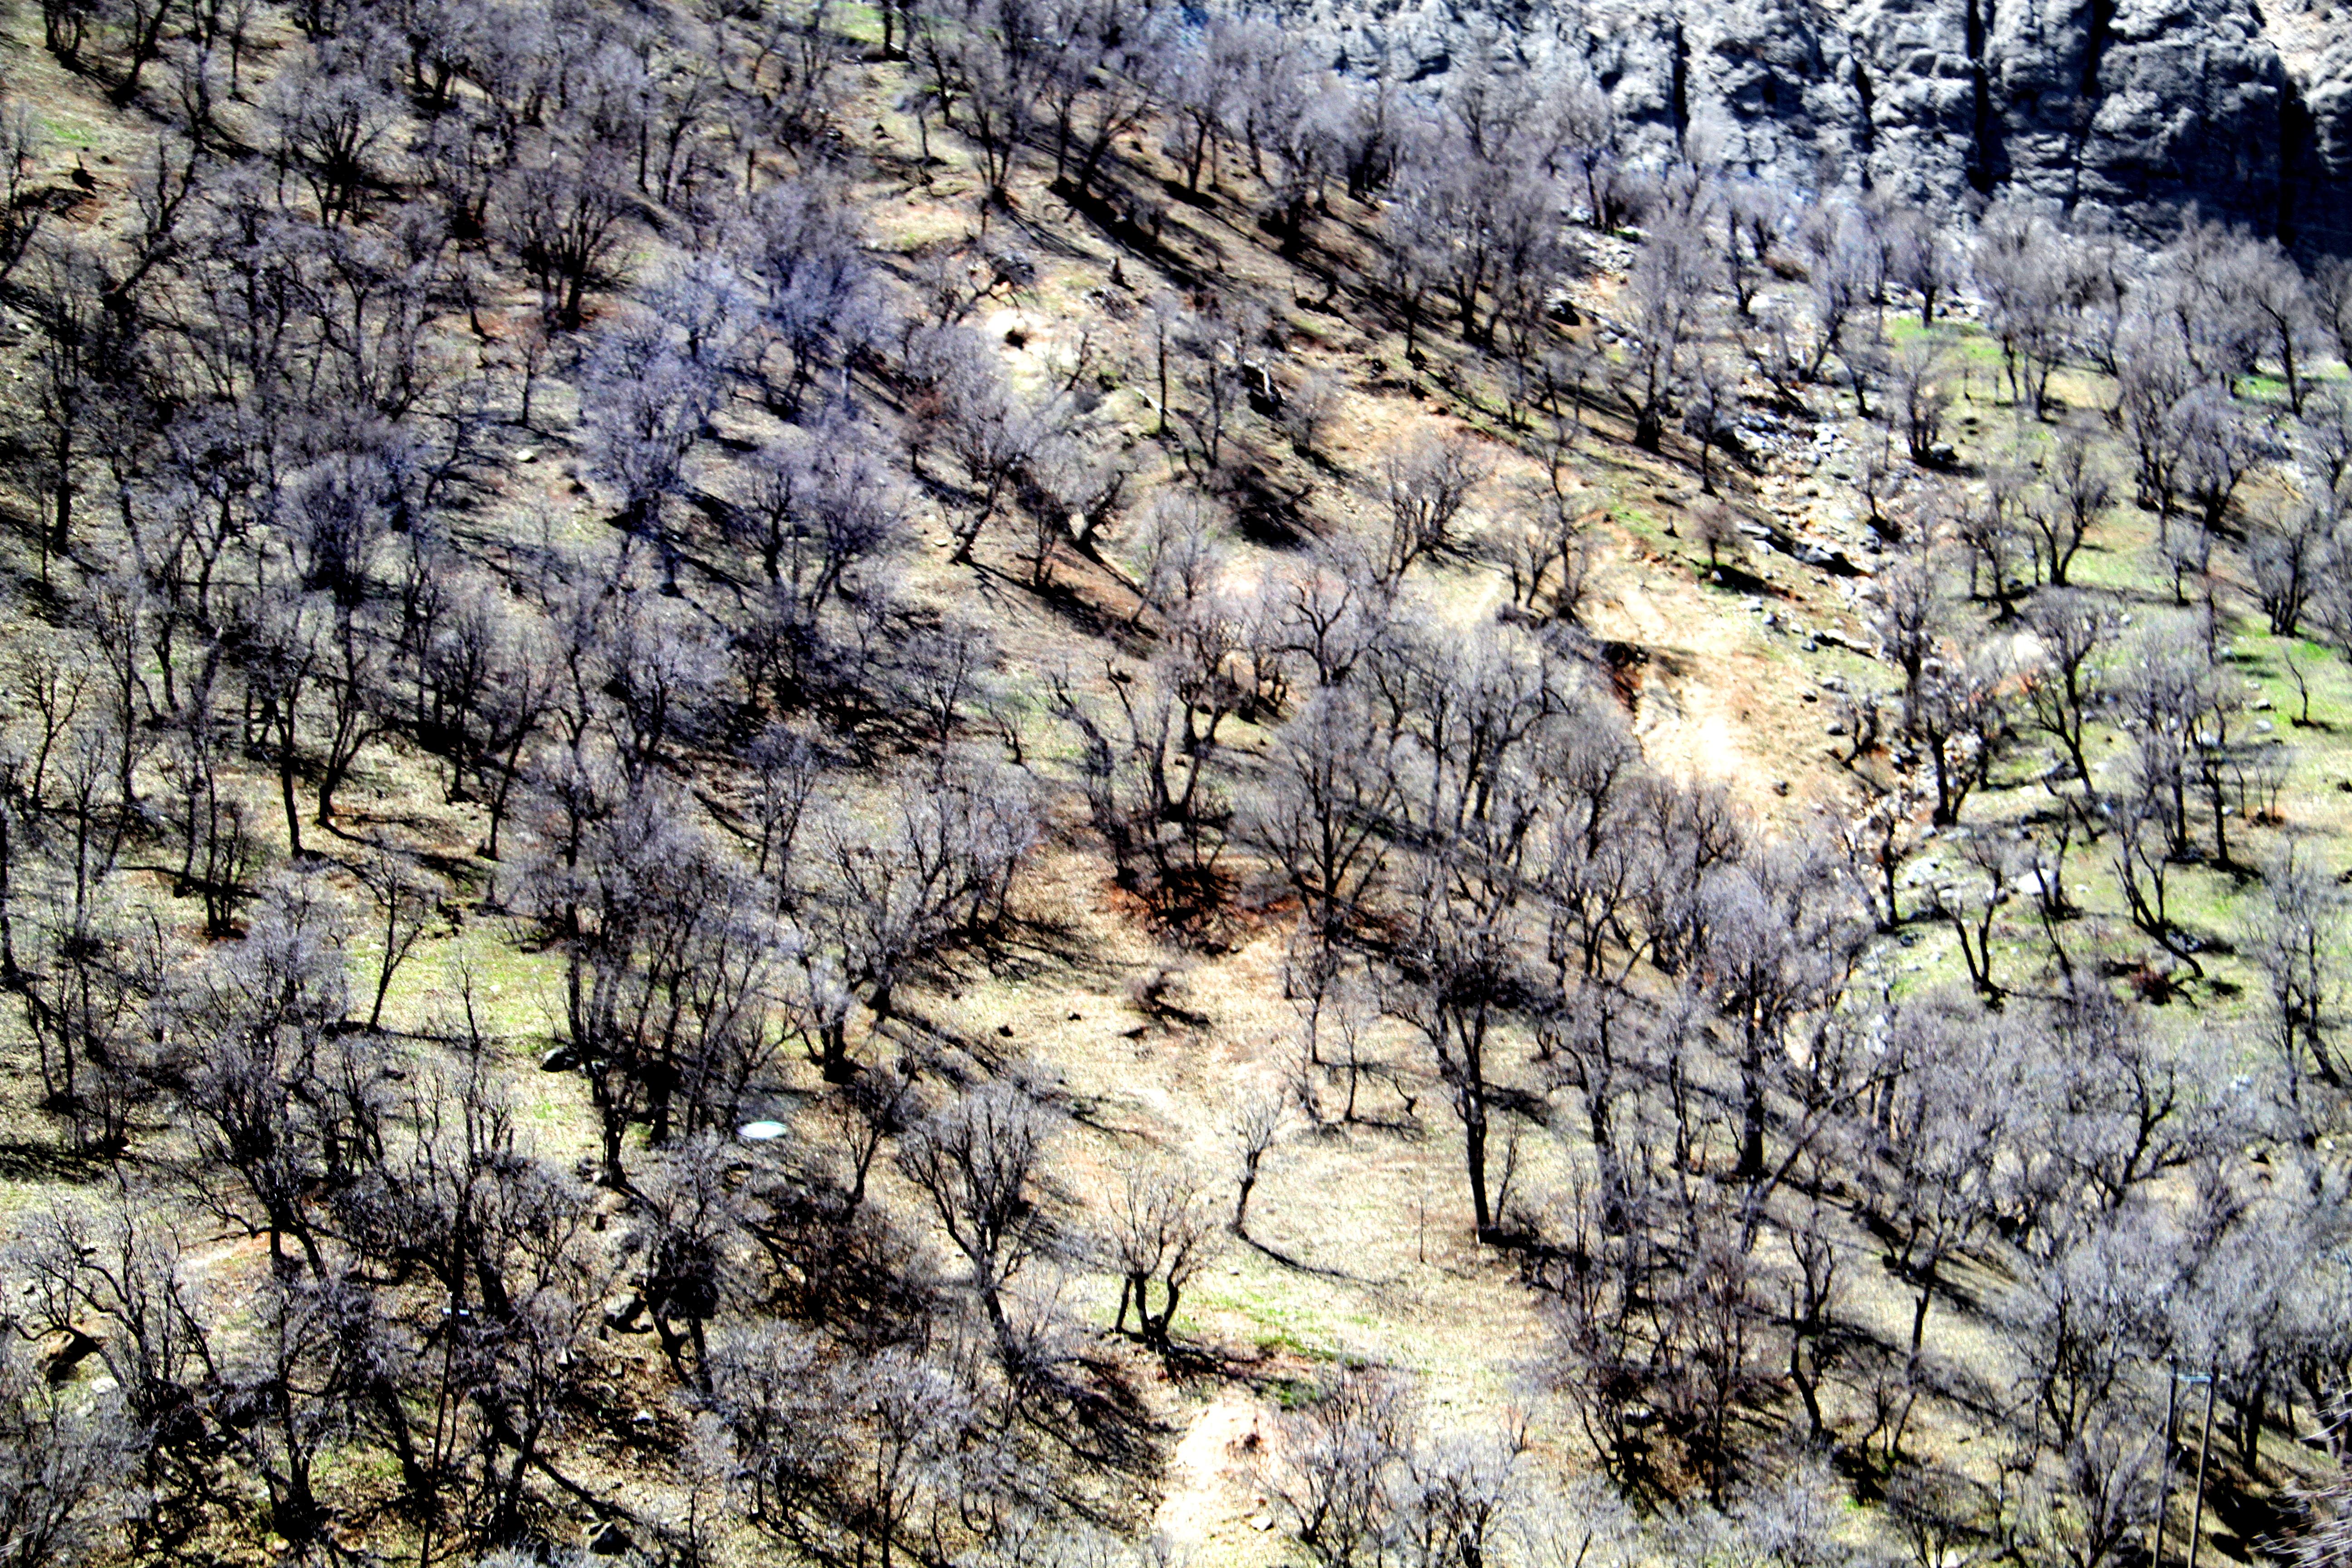 هجوم پروژههای عمرانی مخرب به زاگرس: محیط زیست چهارمحال و بختیاری بر سر دوراهی است